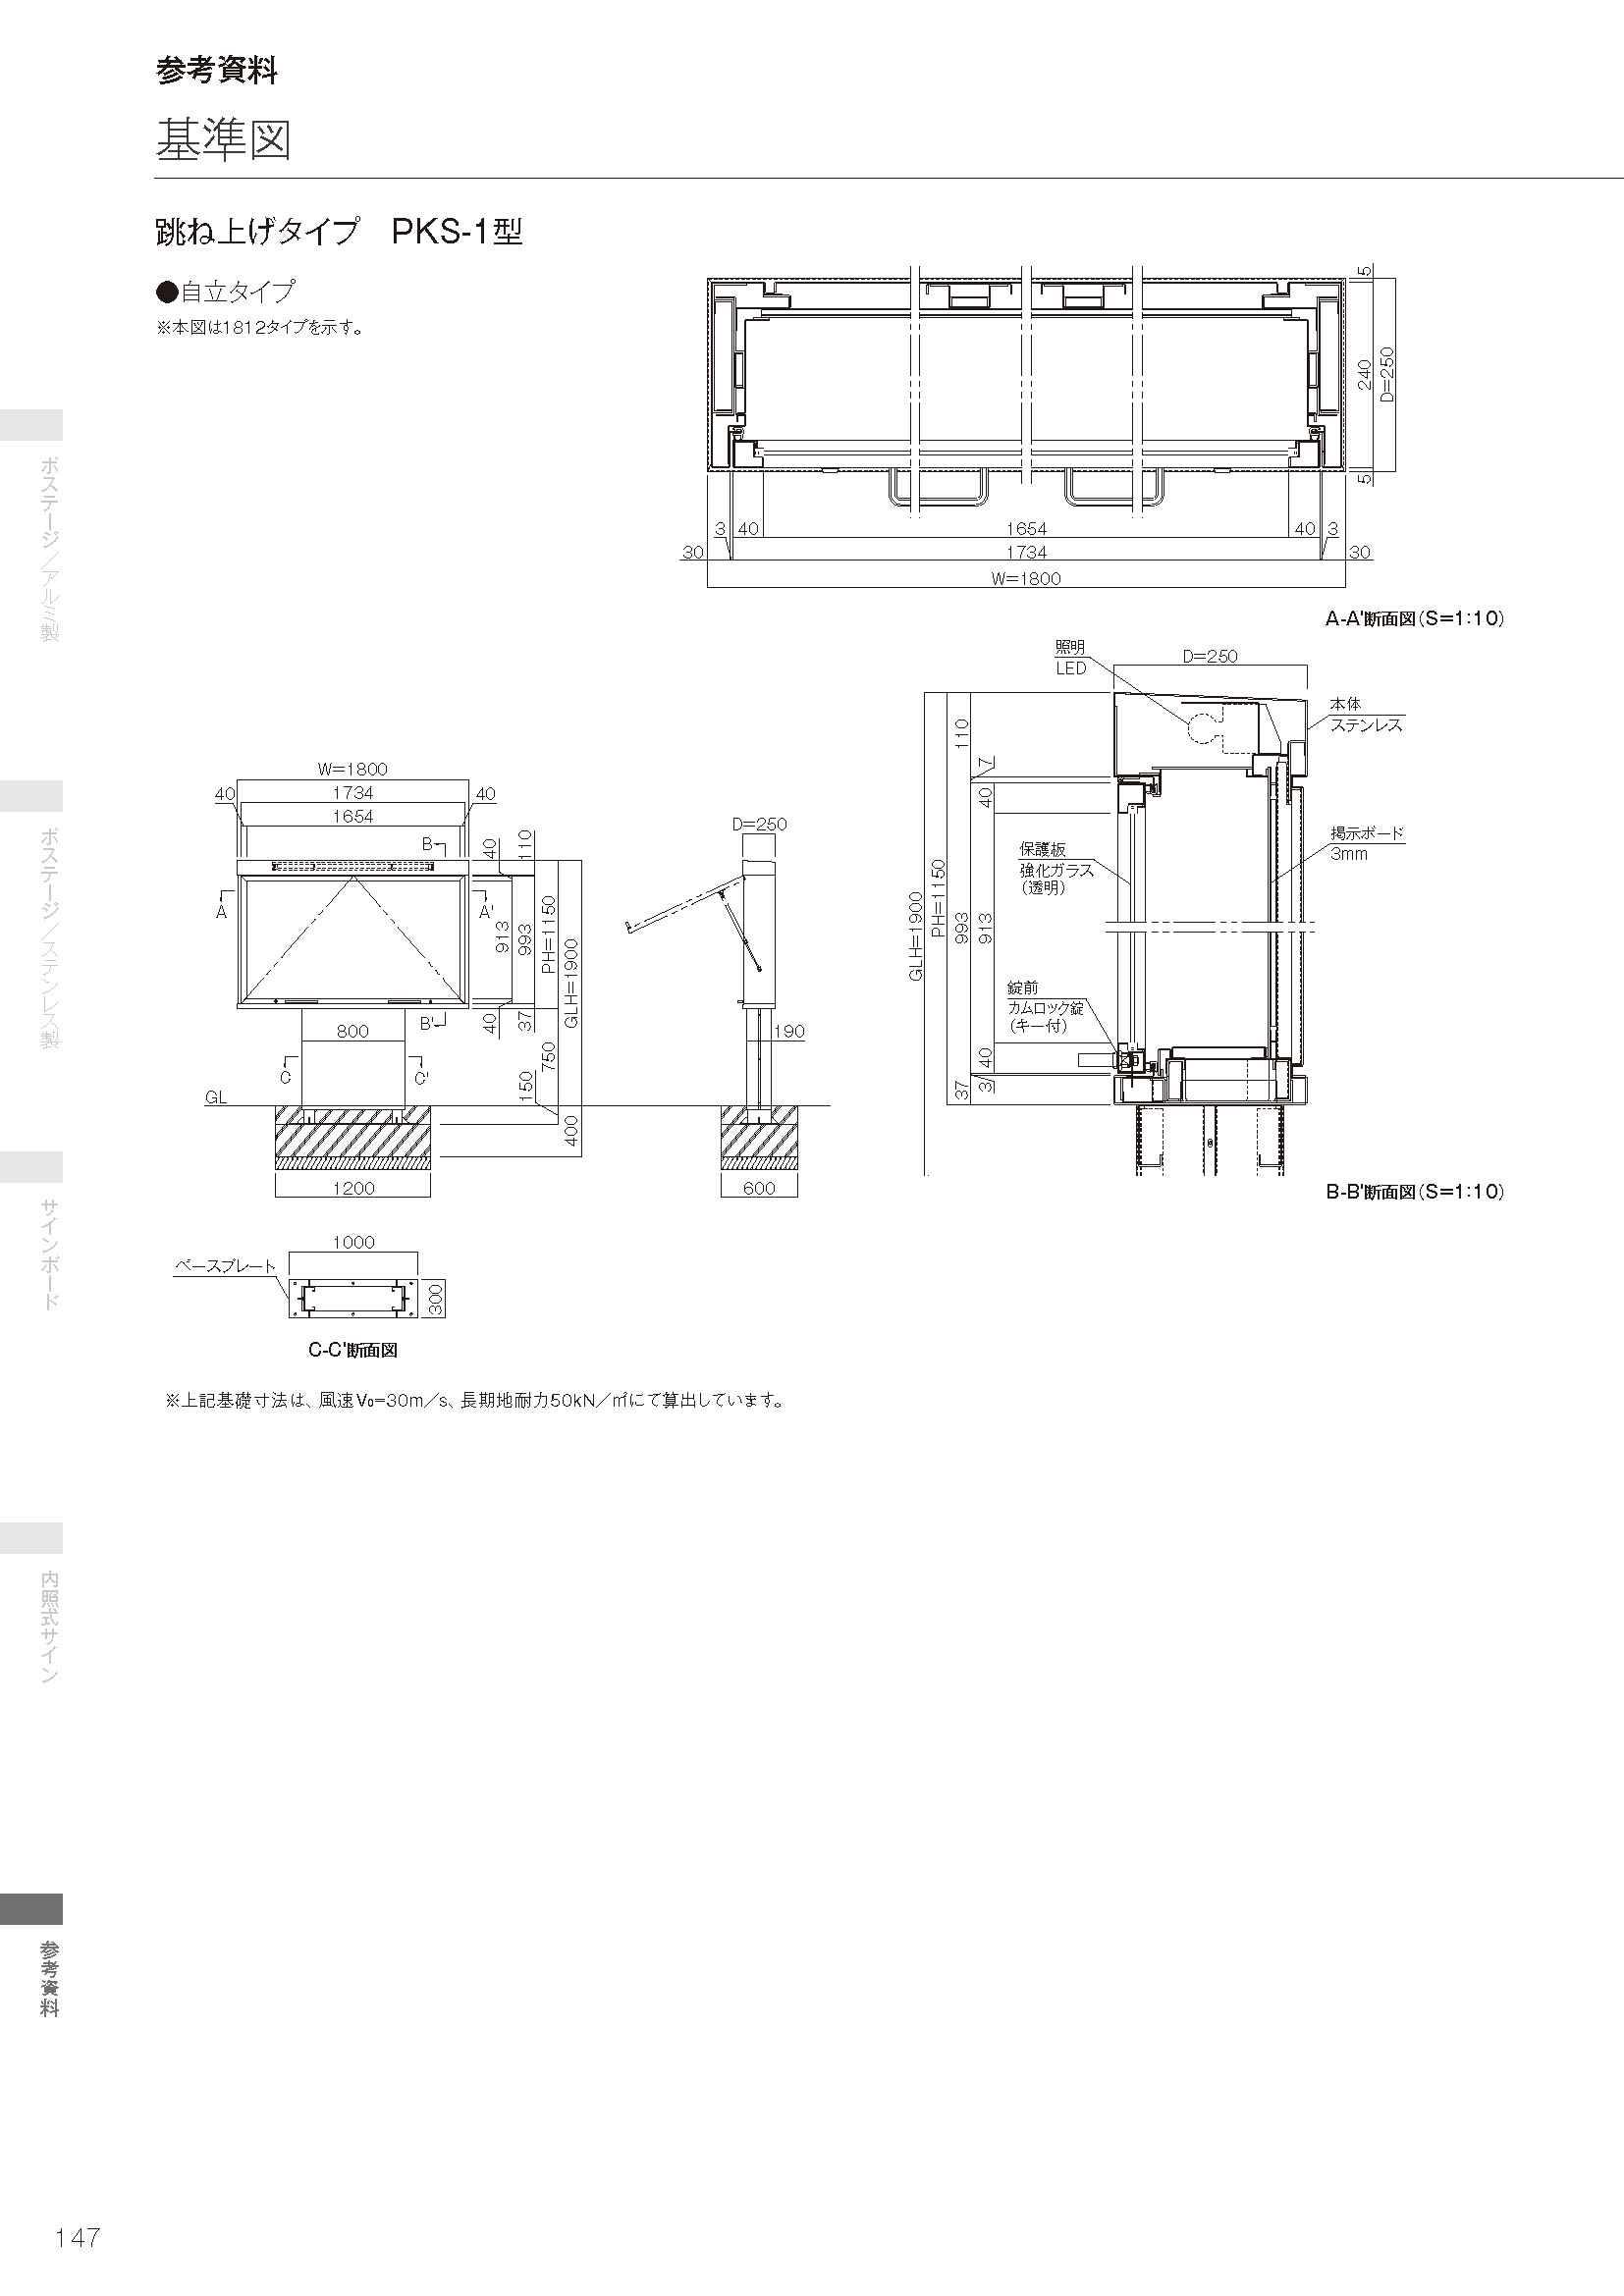 製品カタログ 148-149